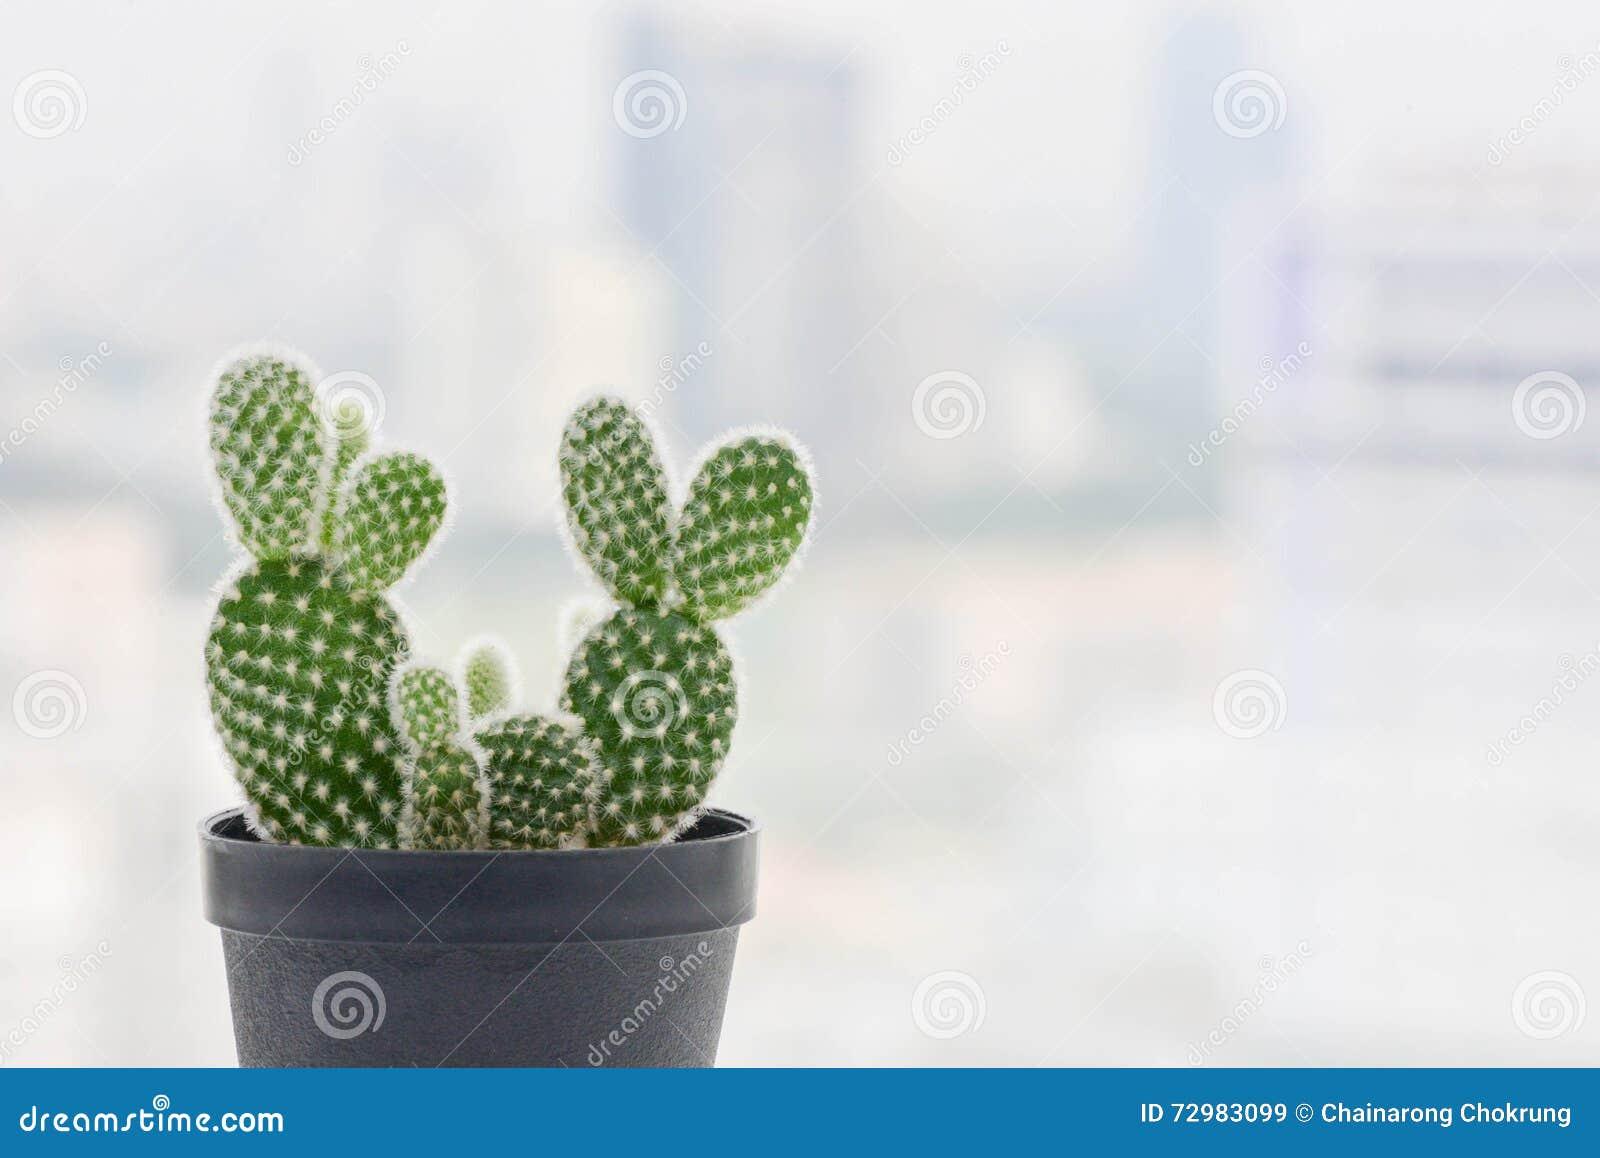 mini jardim de cactus:Mini Cactus